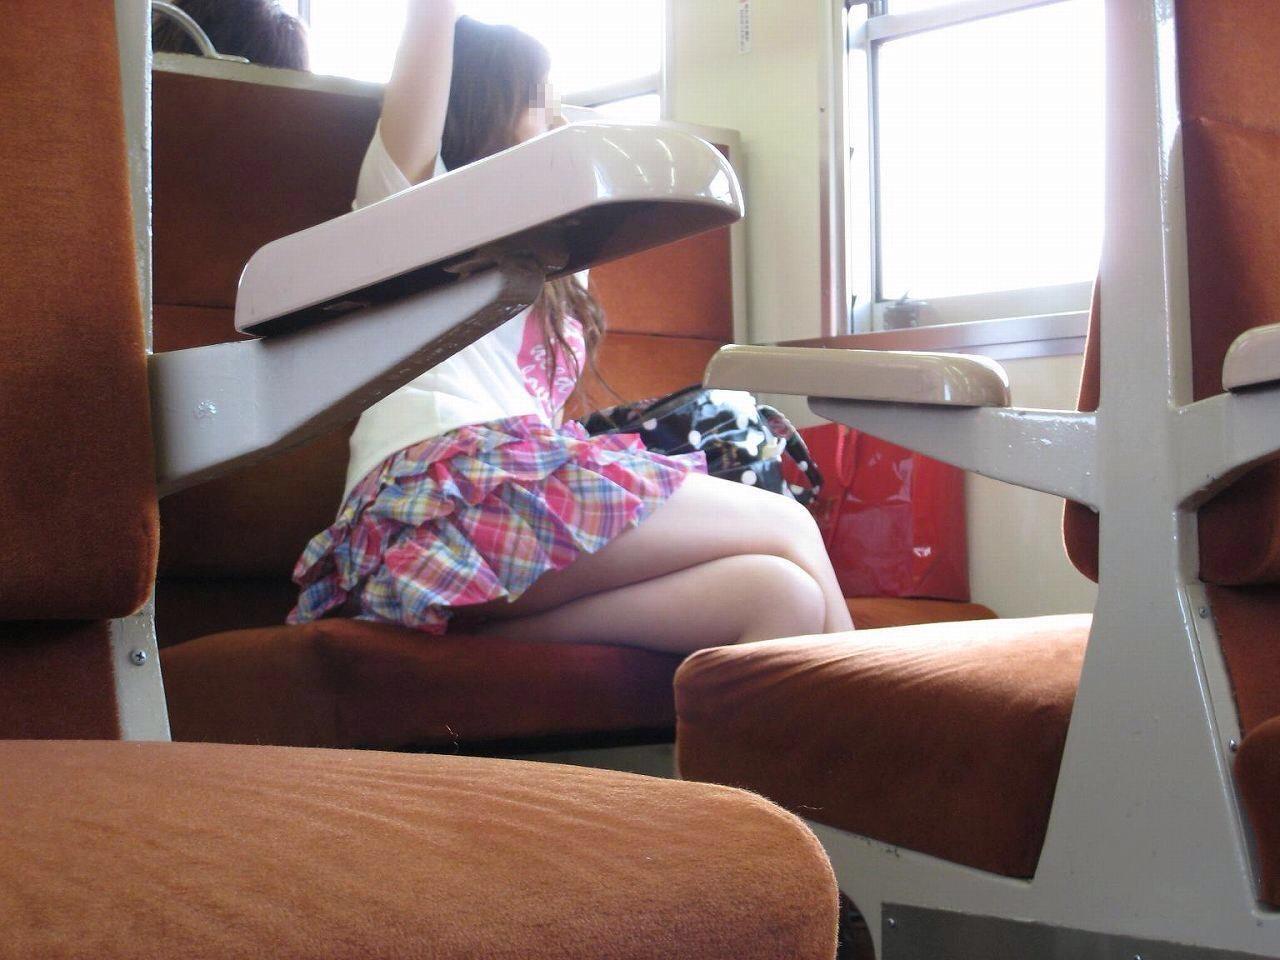 電車のイスに座るお姉さんの生足ゲットwwwプリプリの太ももがエロいwww 2163